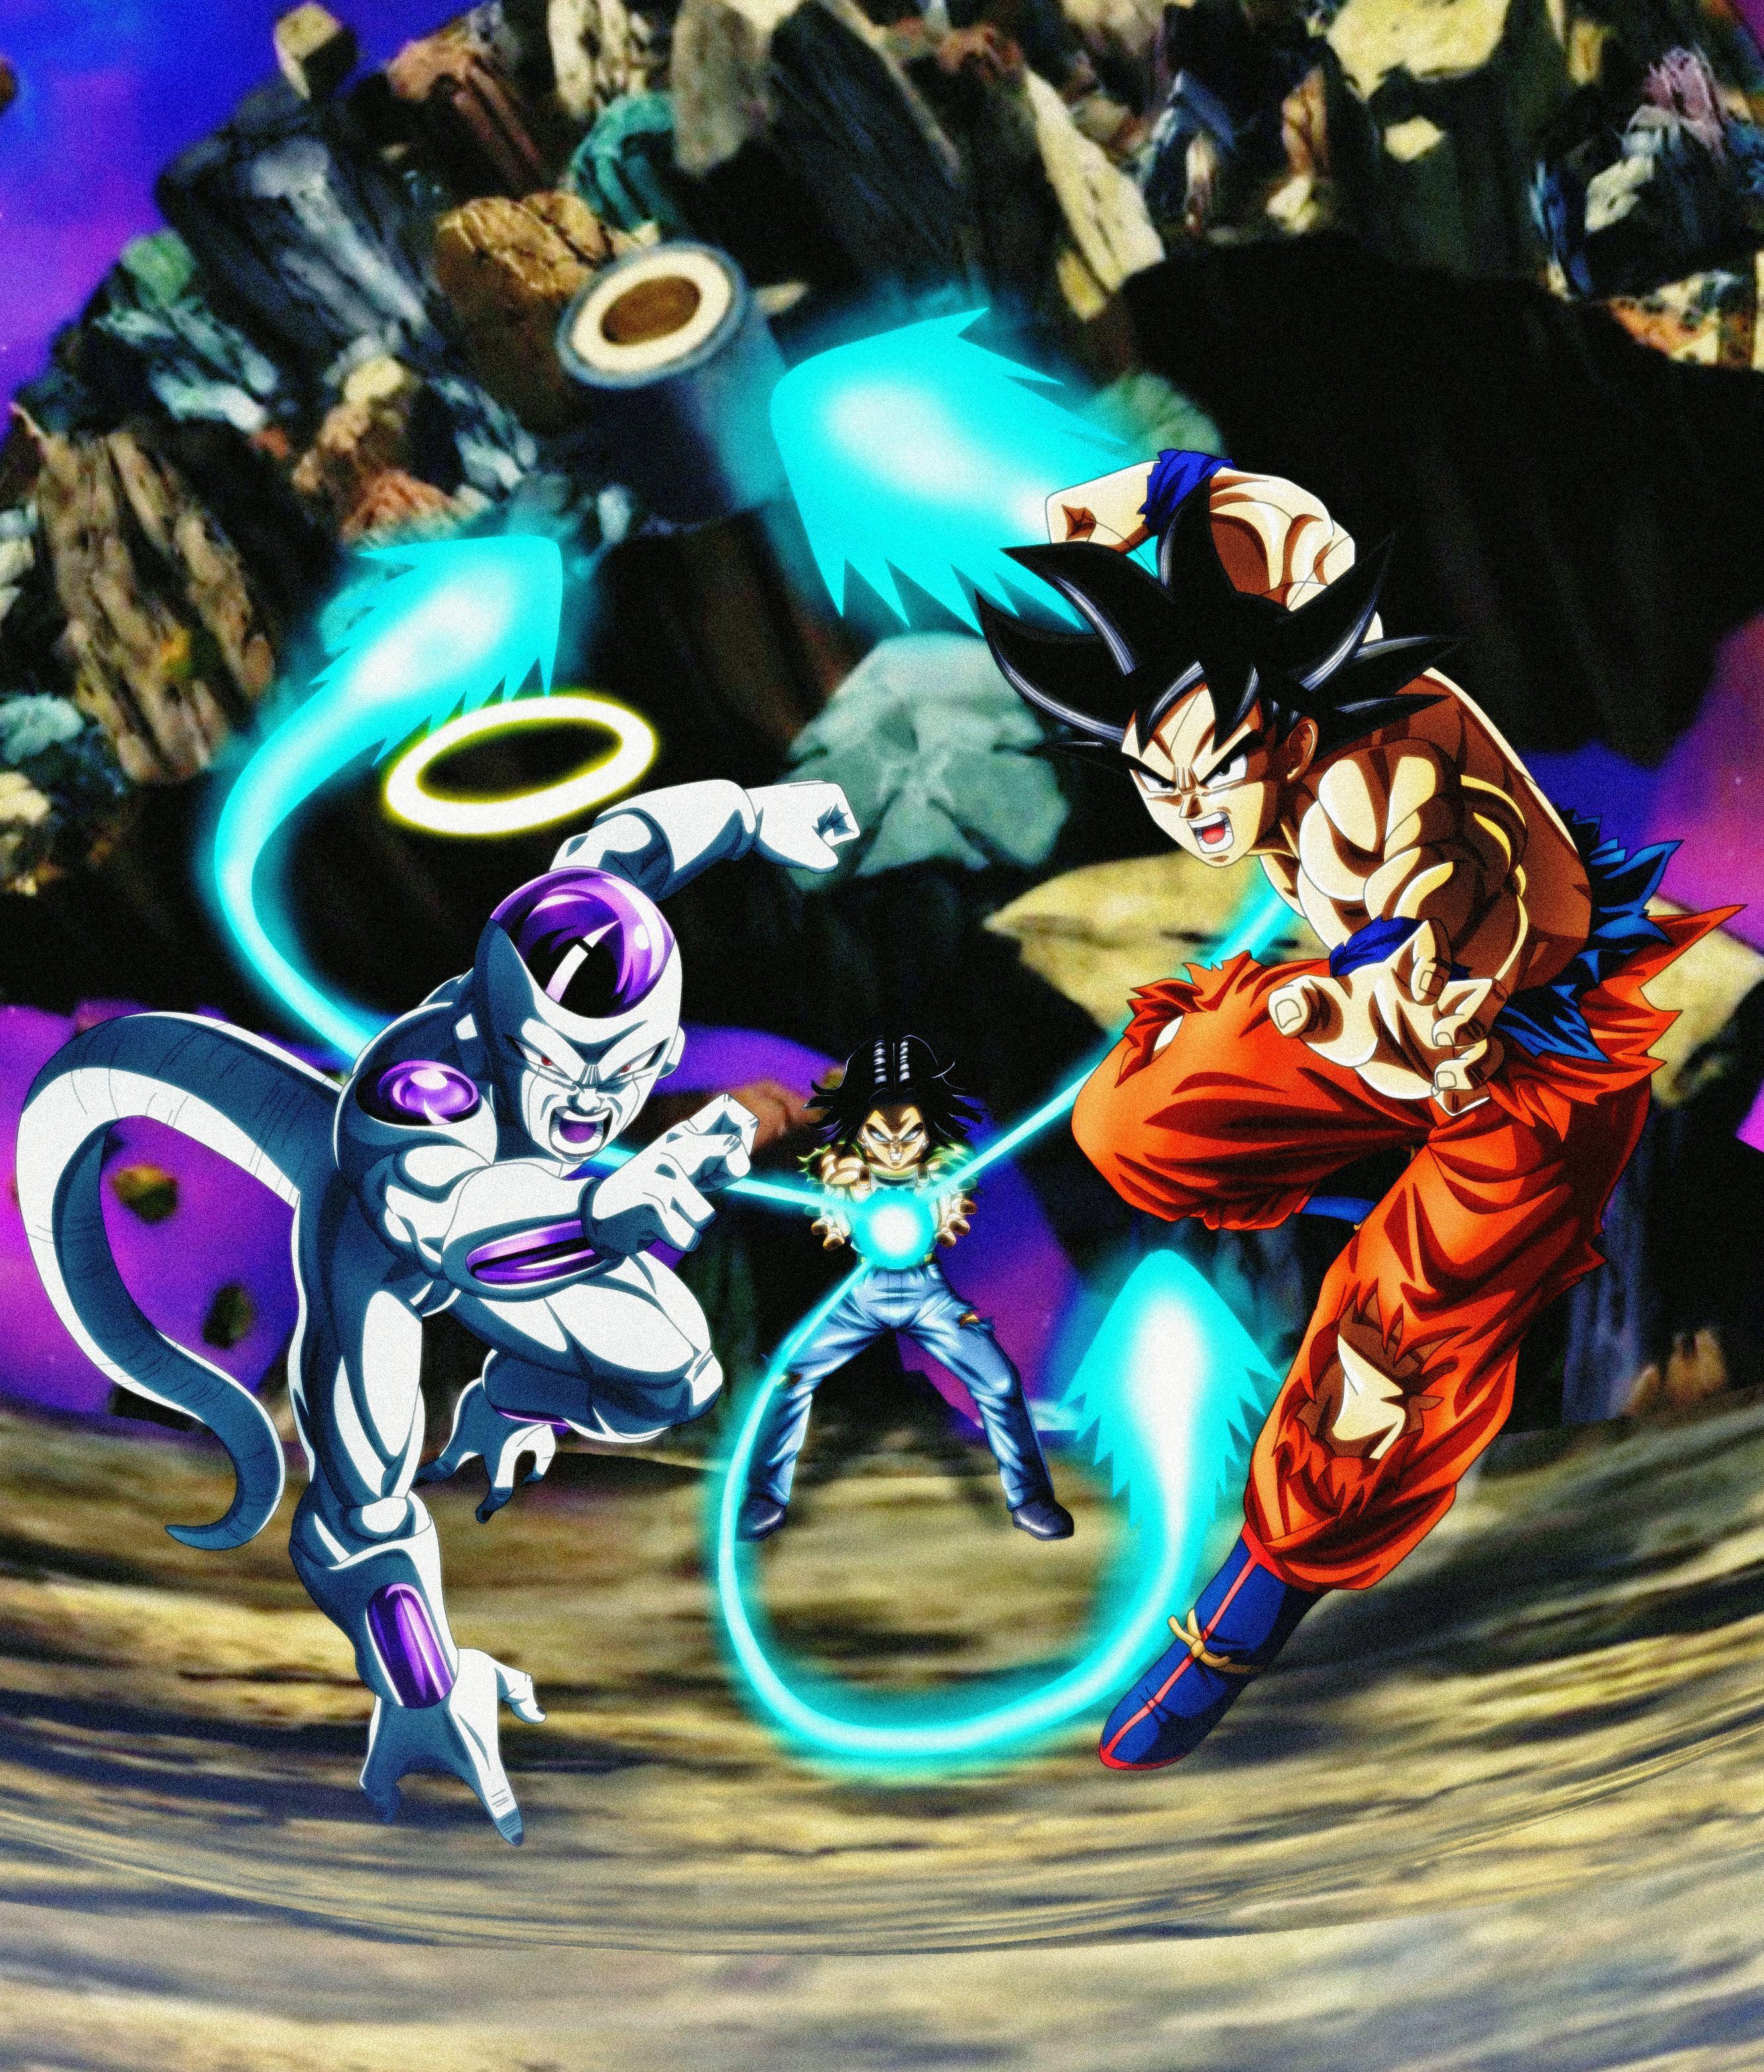 Goku, Frieza & Android 17, Dragon Ball Super Dragon ball